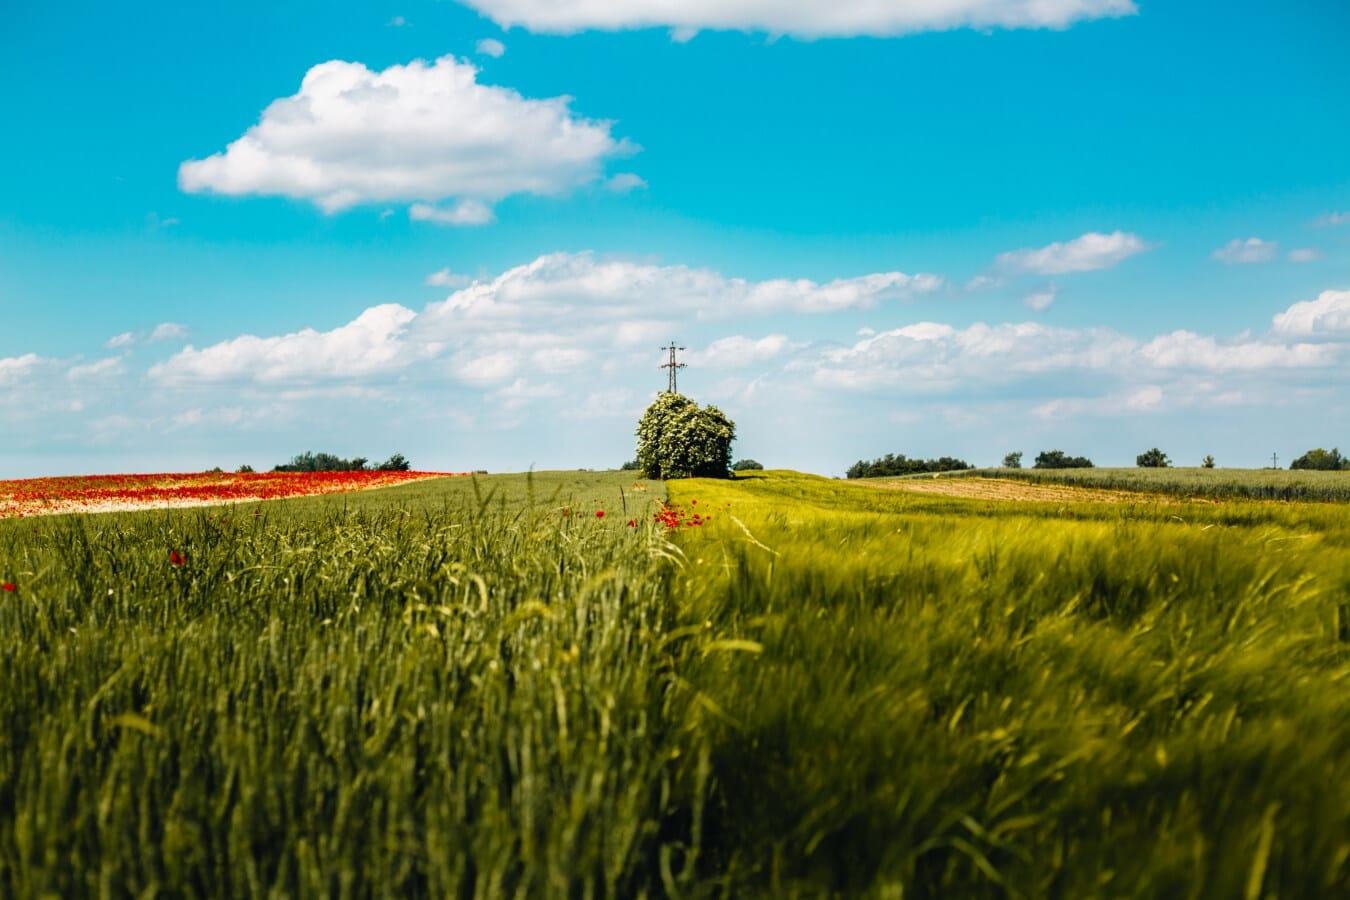 champ de blé, les terres agricoles, seigle, coquelicot, rural, Agriculture, herbe, domaine, prairie, blé